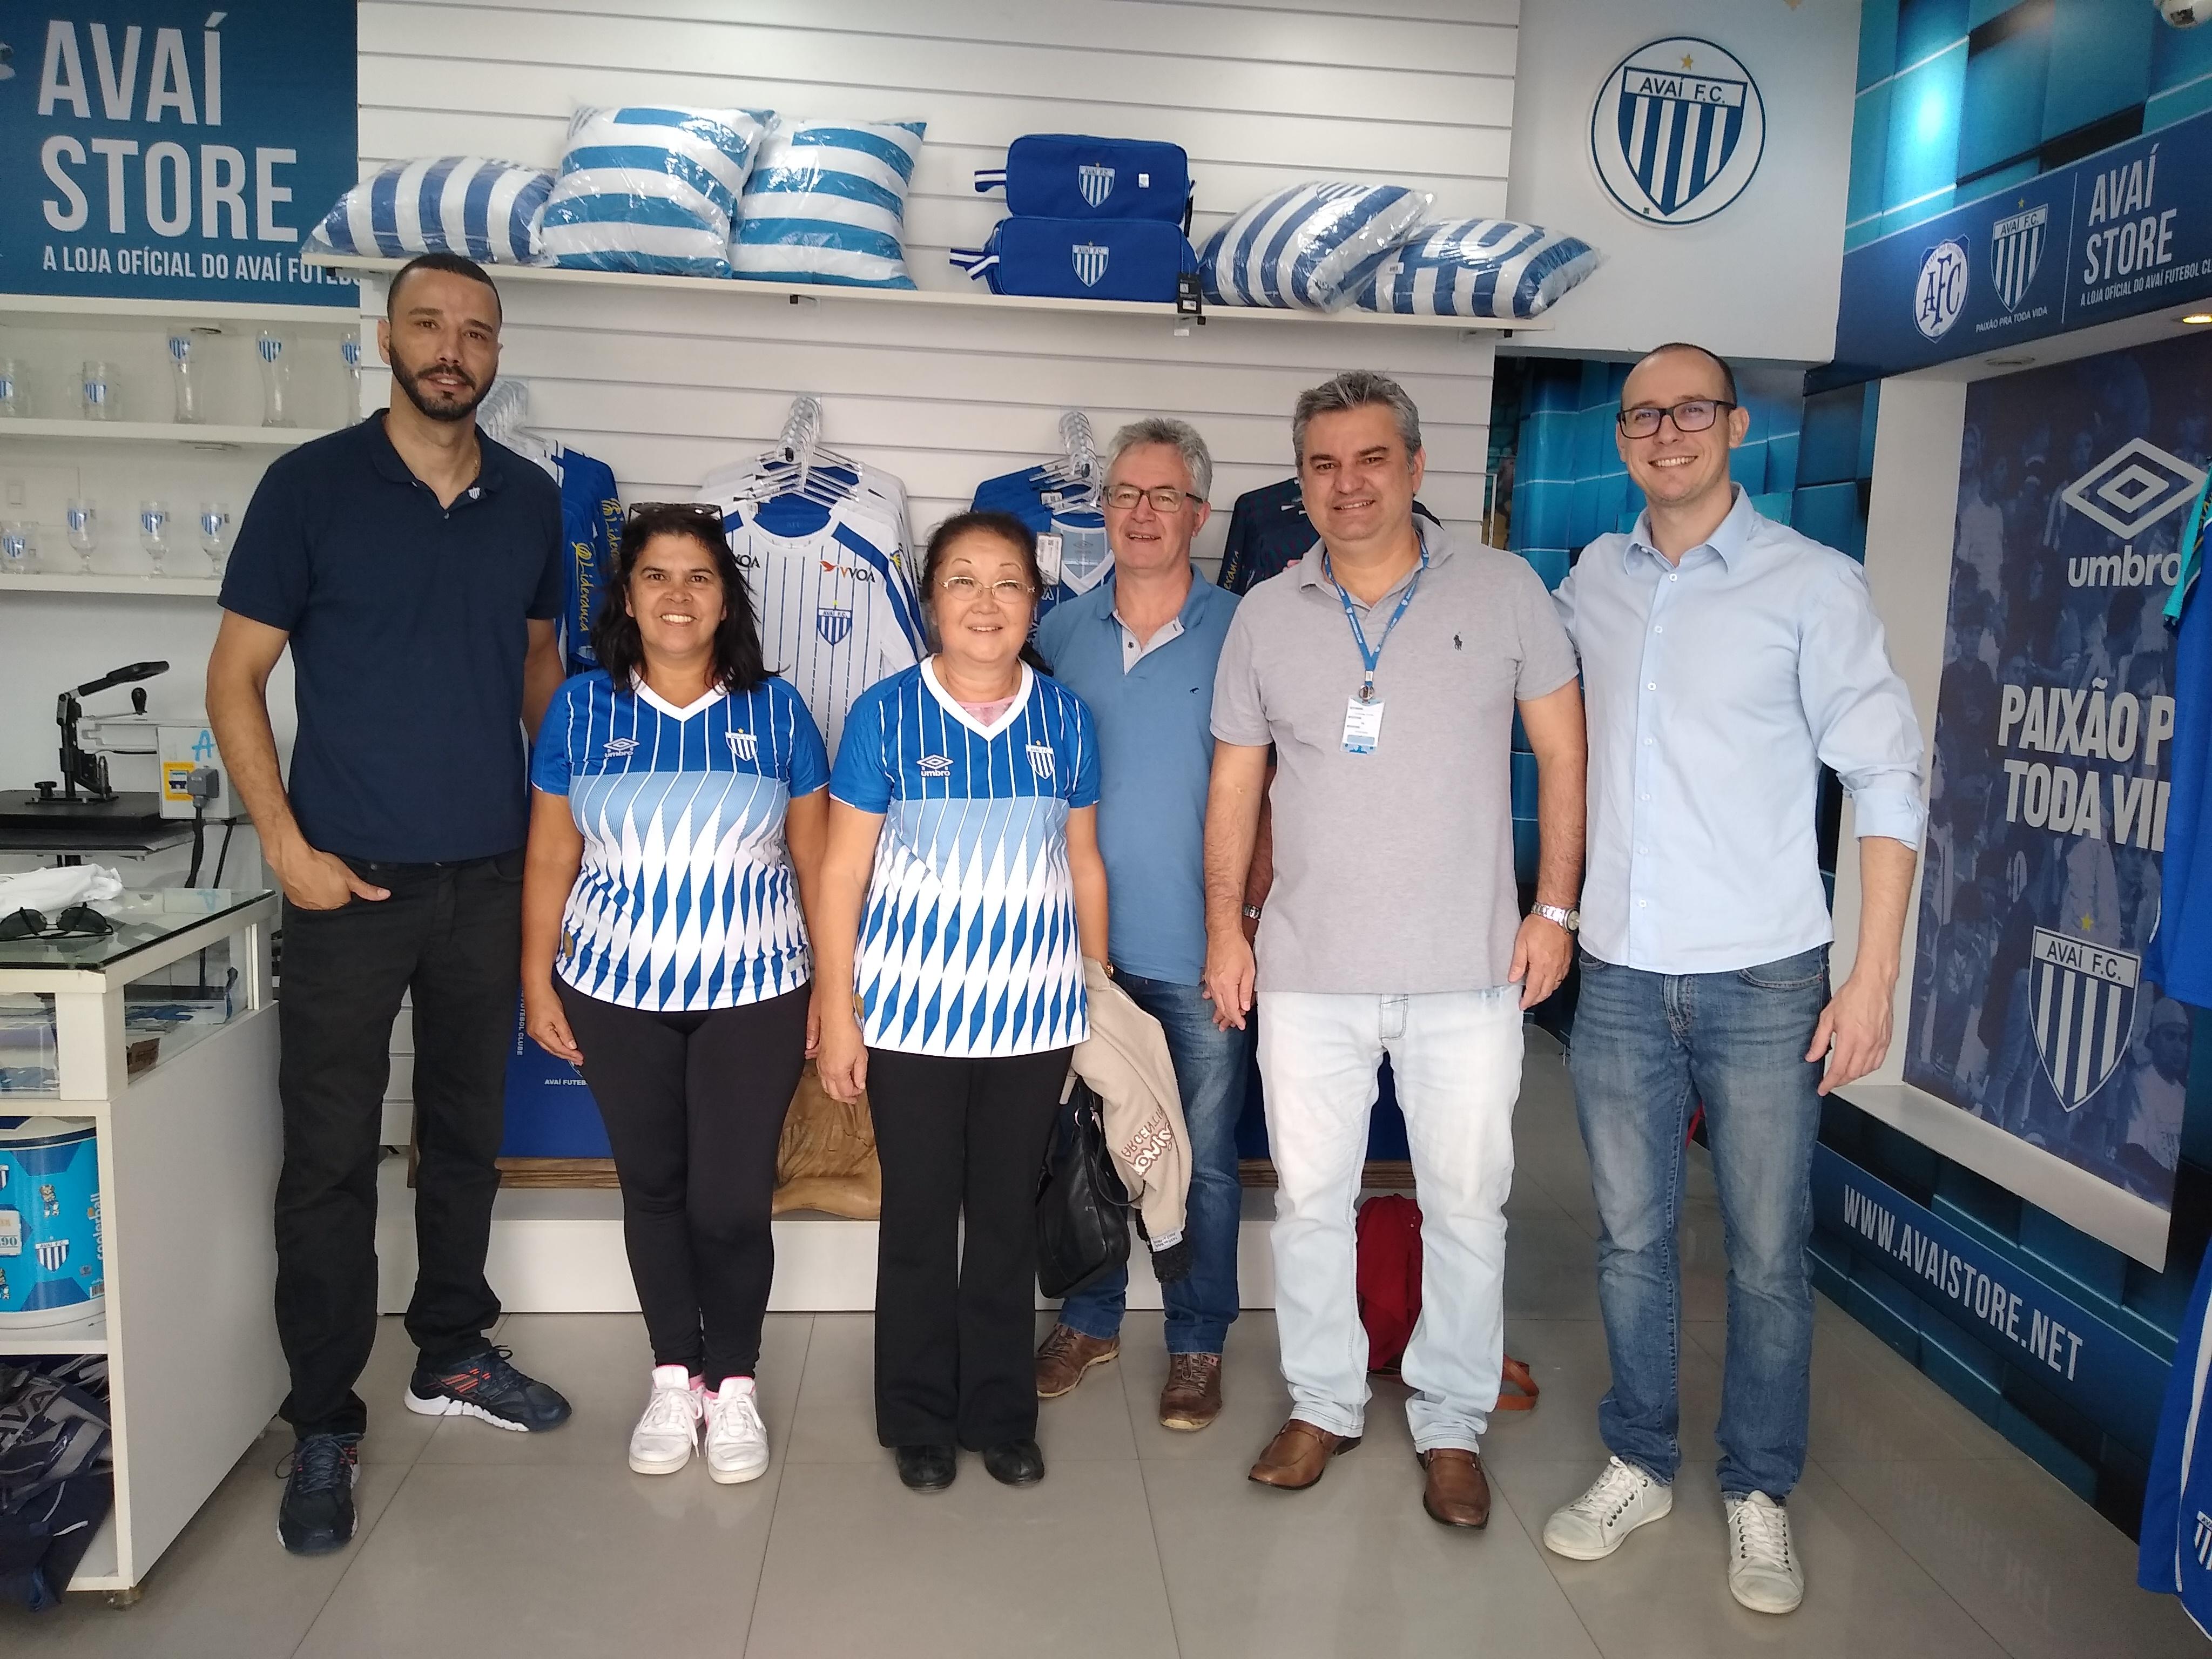 A Instância de Governança do Turismo da Grande Florianópolis, recebeu visita técnica/famtour de agentes de viagens de São Paulo